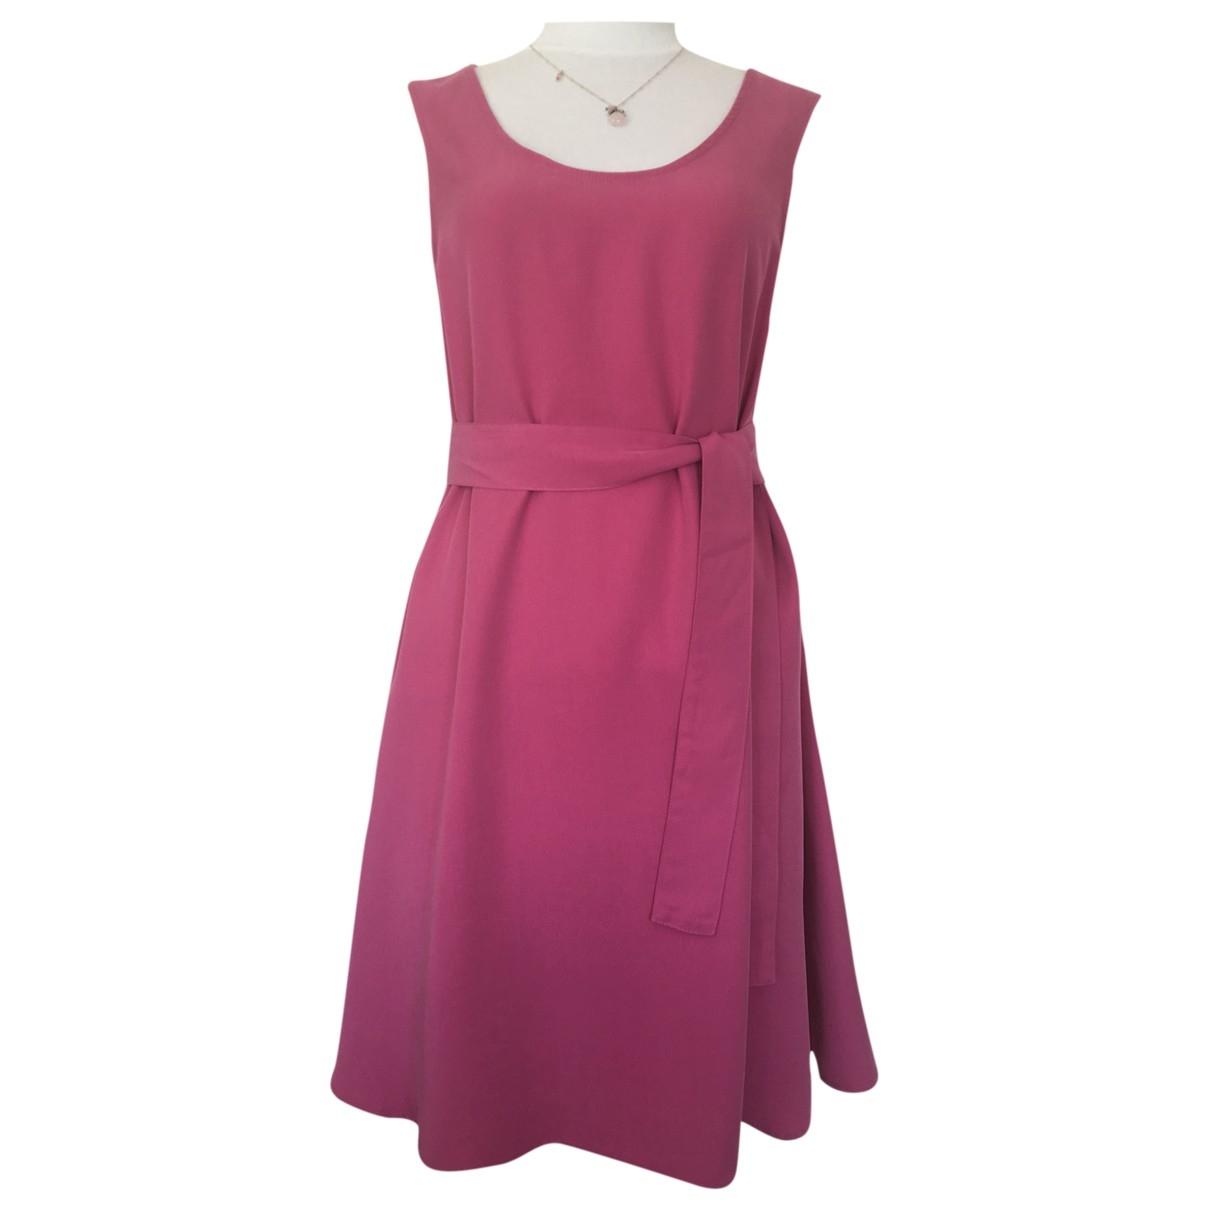 American Vintage \N Kleid in  Rosa Baumwolle